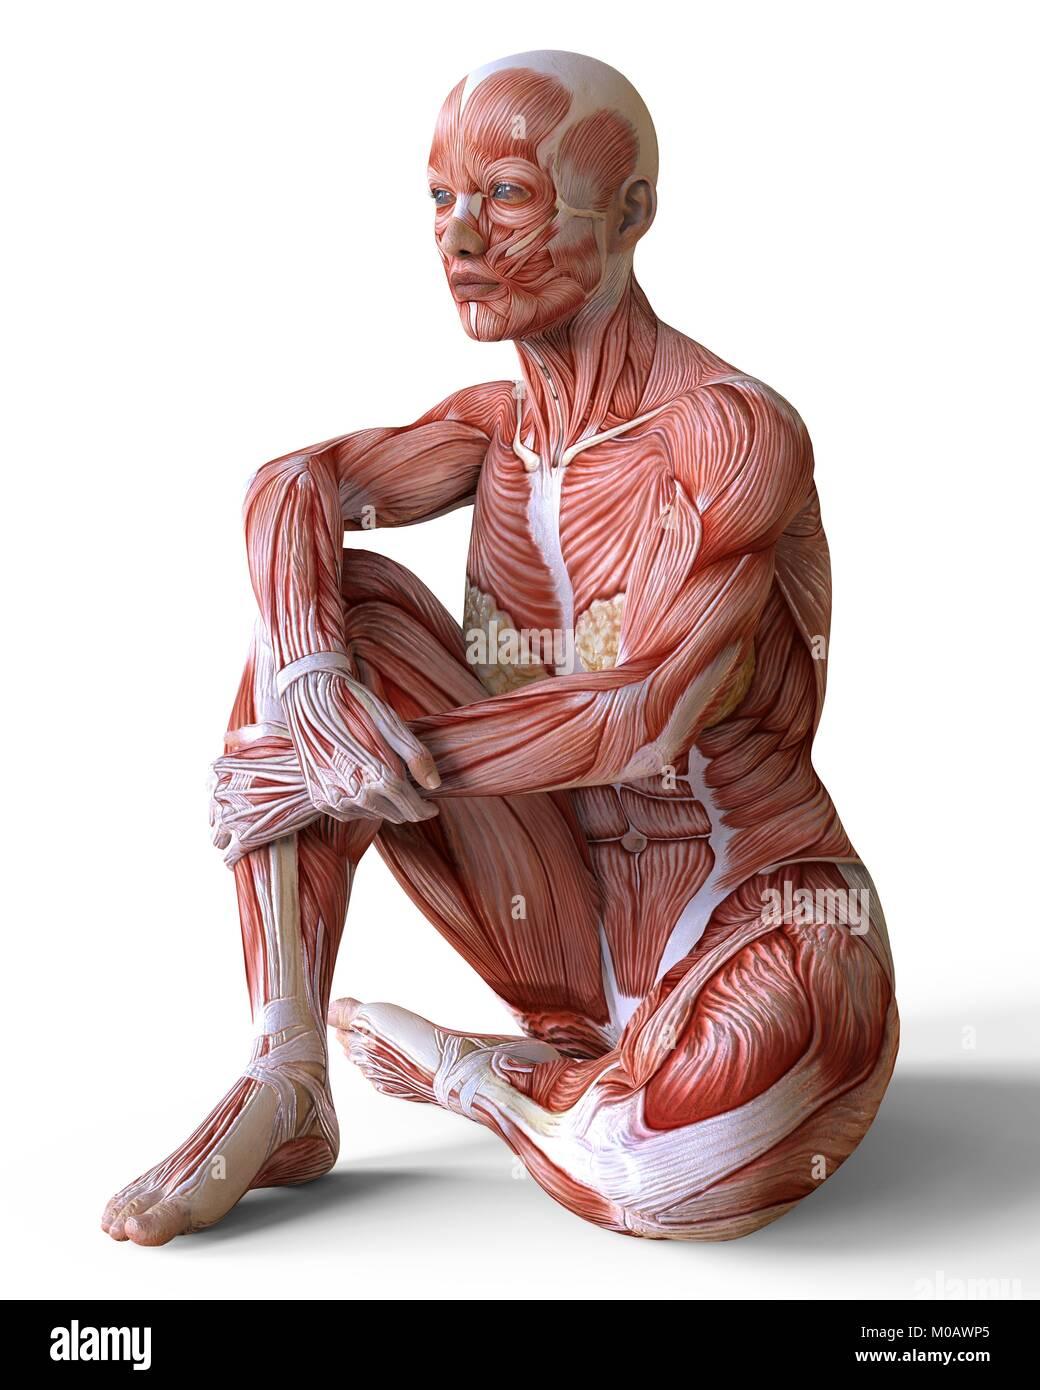 Fantastisch Haut Tag Anatomie Ideen - Menschliche Anatomie Bilder ...